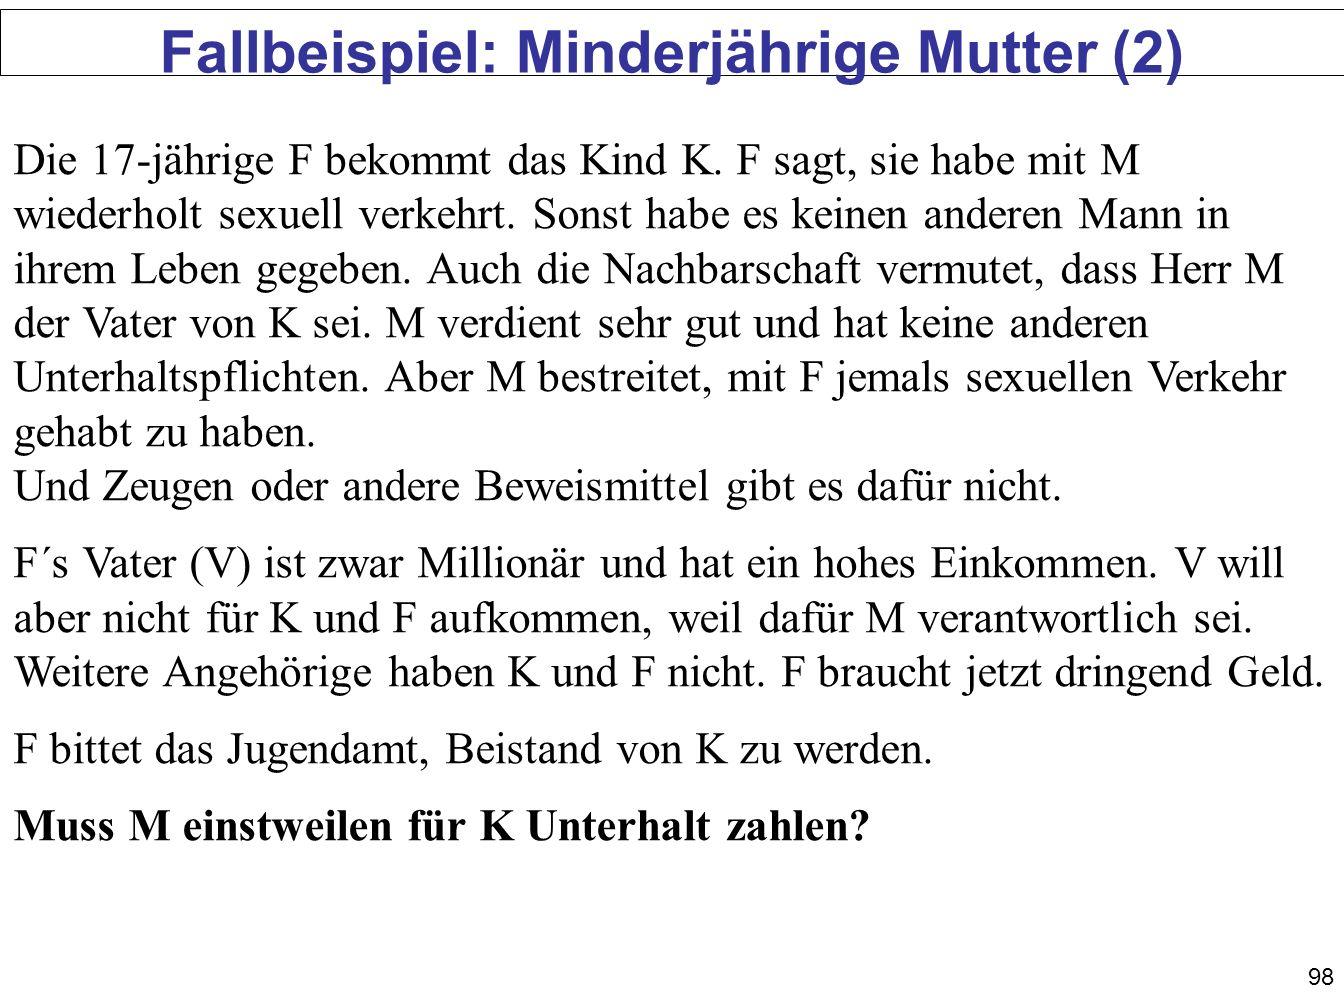 98 Fallbeispiel: Minderjährige Mutter (2) Die 17-jährige F bekommt das Kind K. F sagt, sie habe mit M wiederholt sexuell verkehrt. Sonst habe es keine